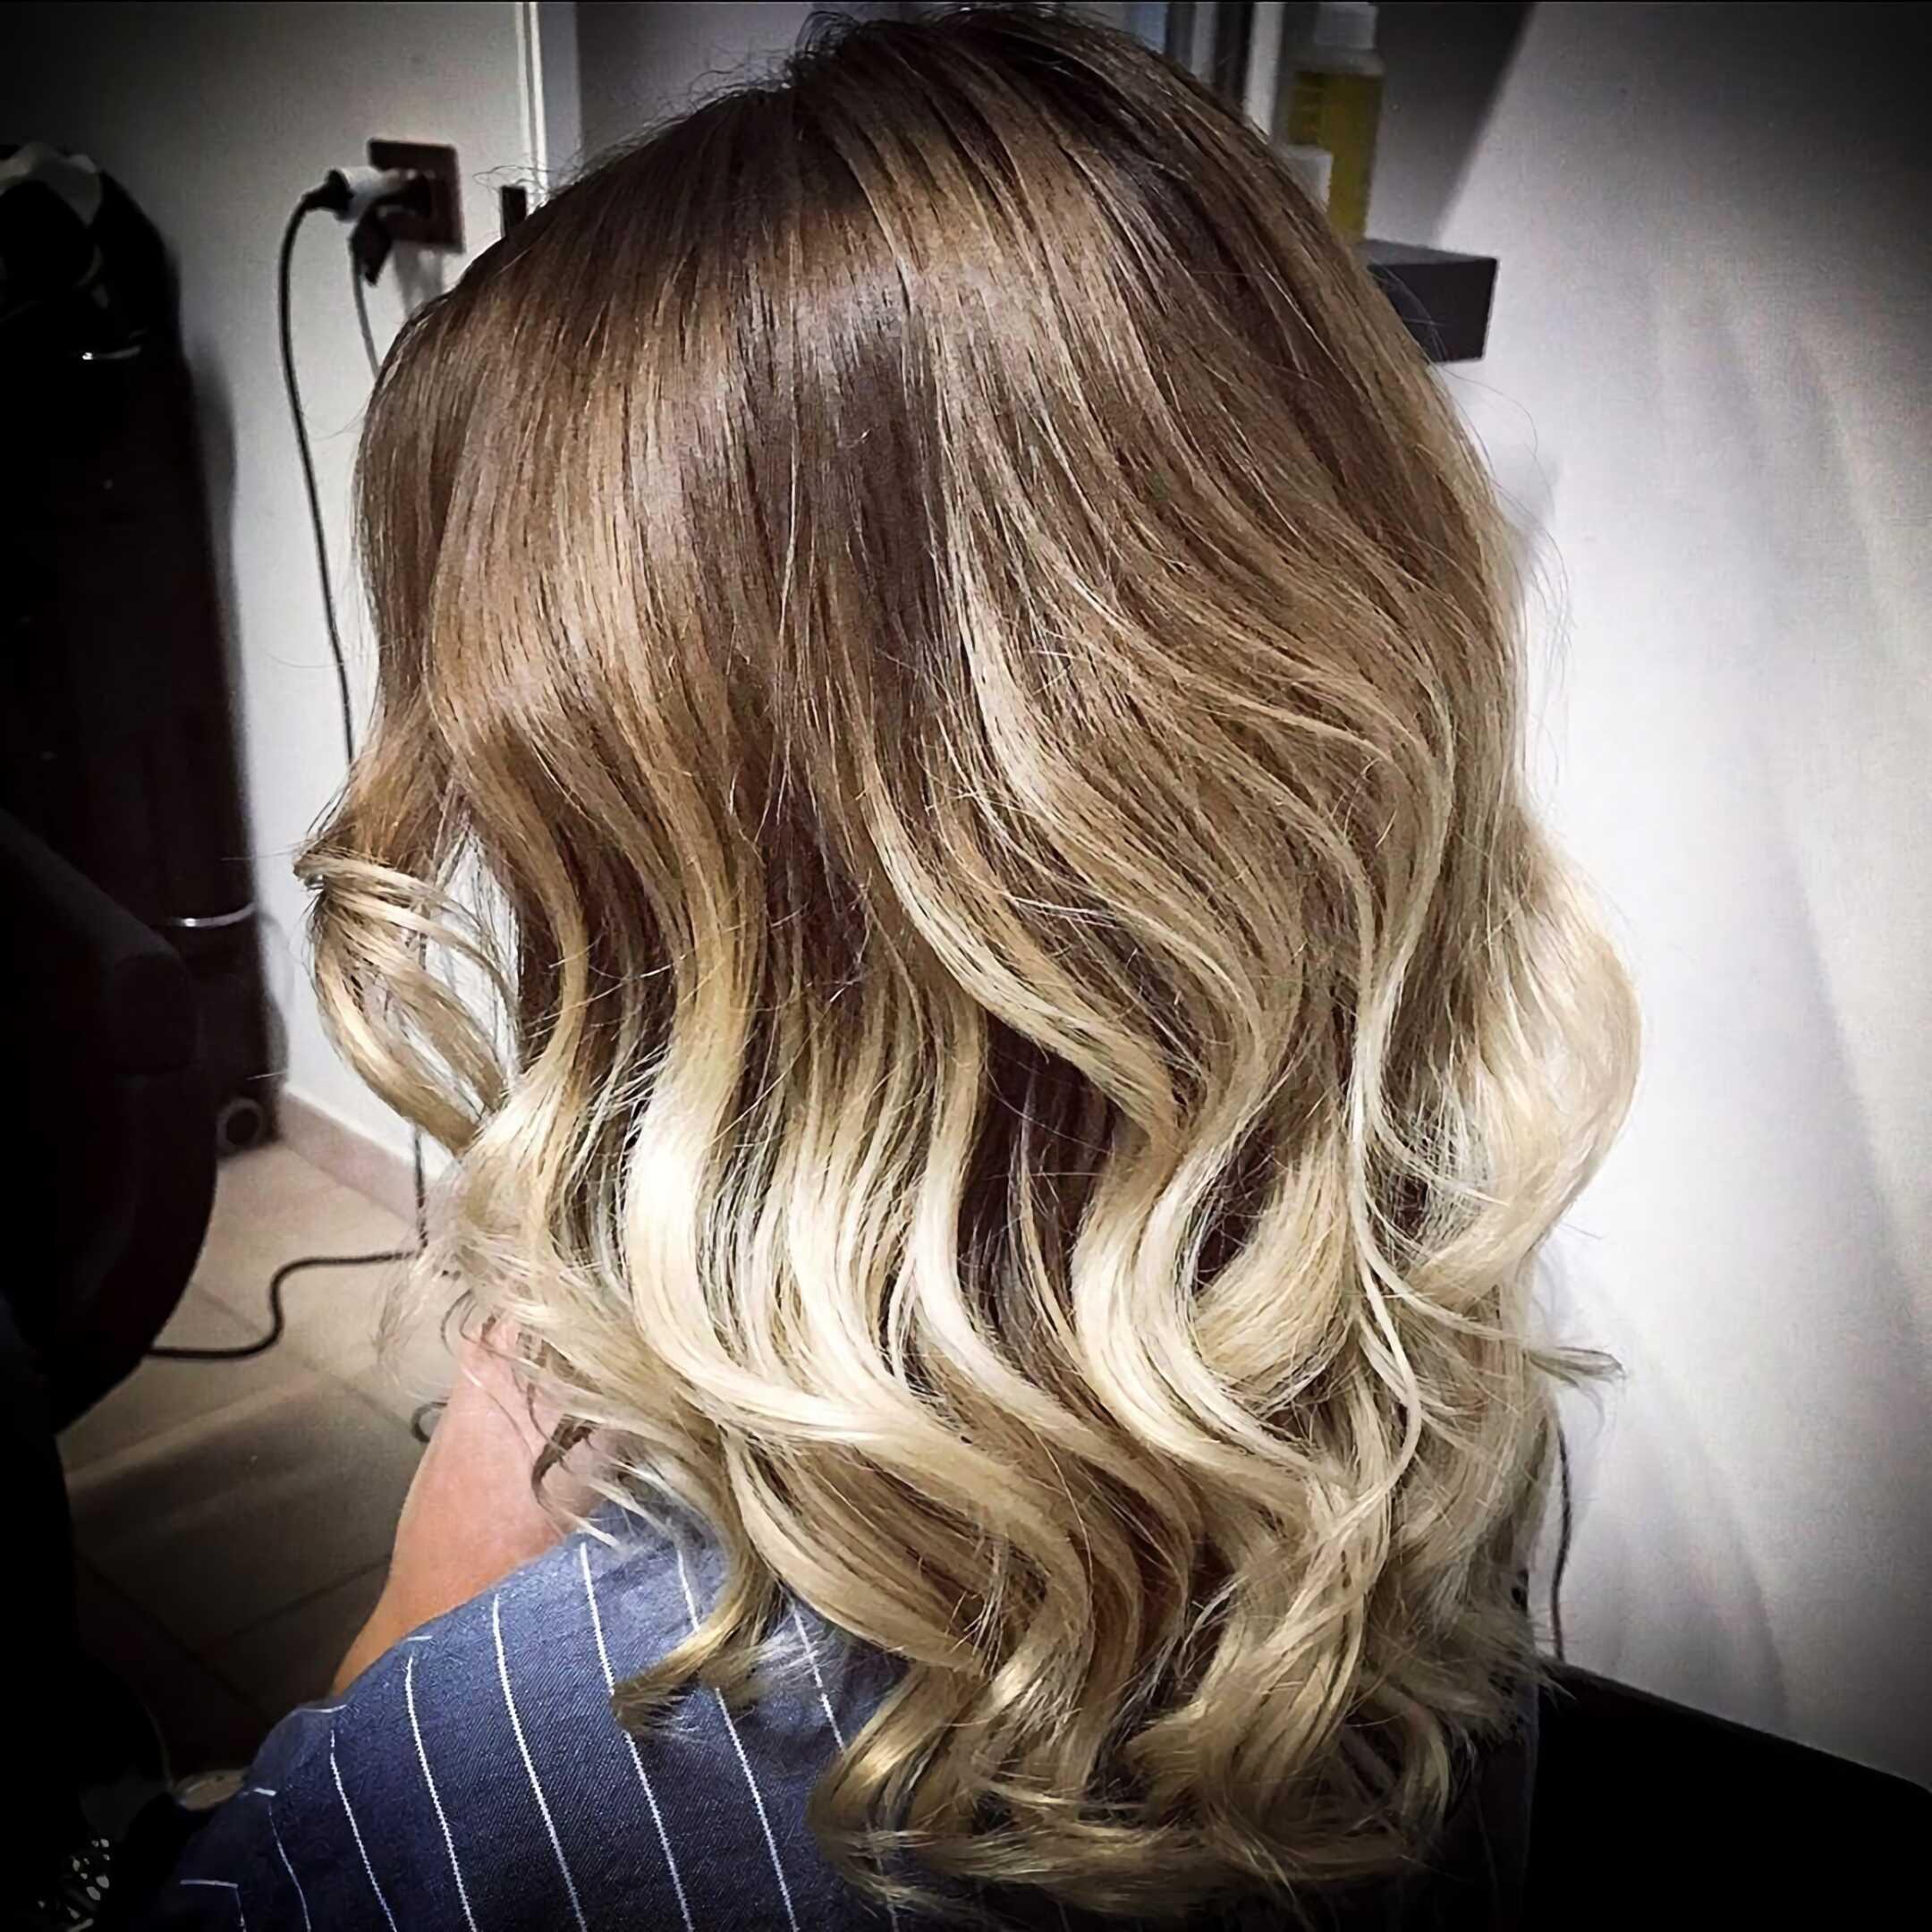 окрашивание омбре на волнистые волосы